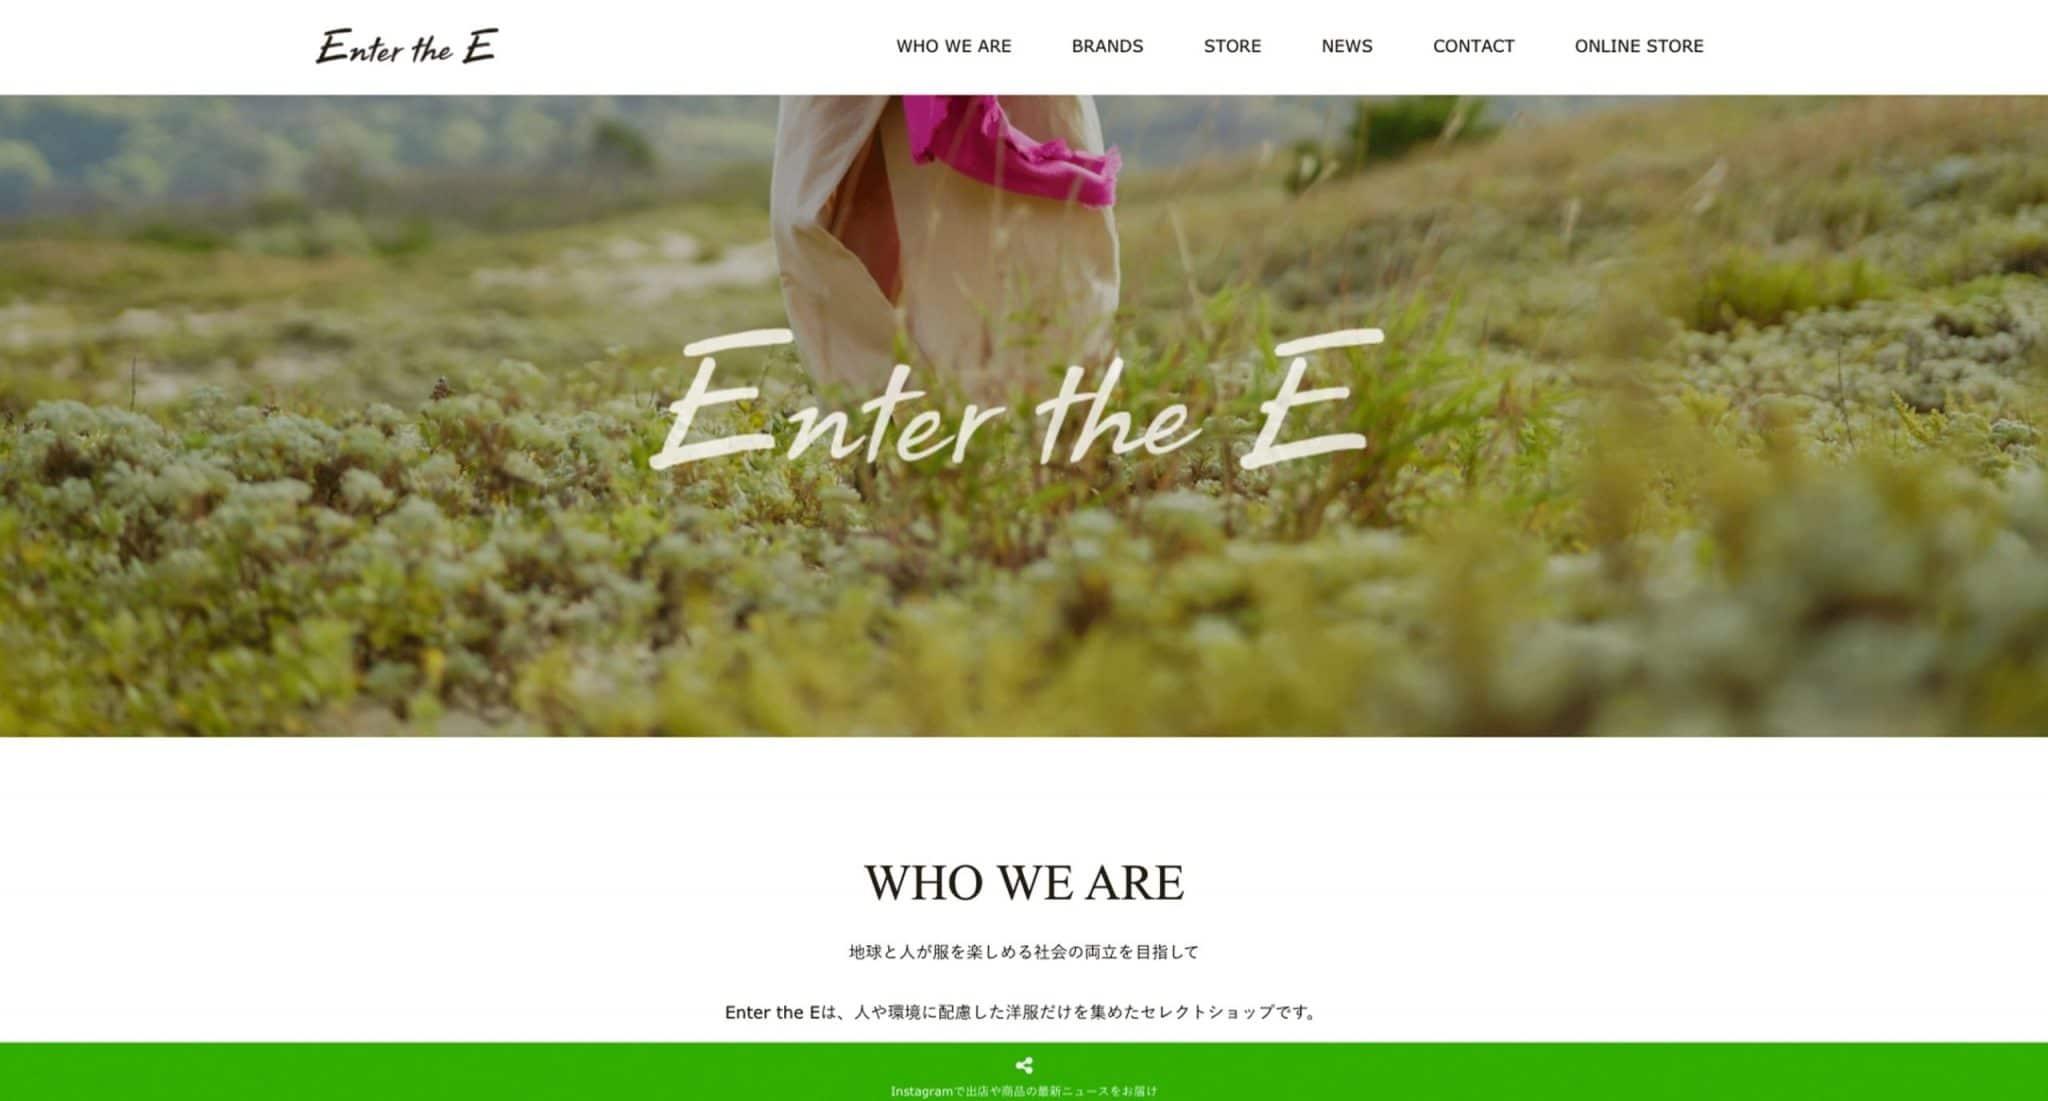 人や環境に配慮した洋服だけを集めたセレクトショップ「Enter the E」